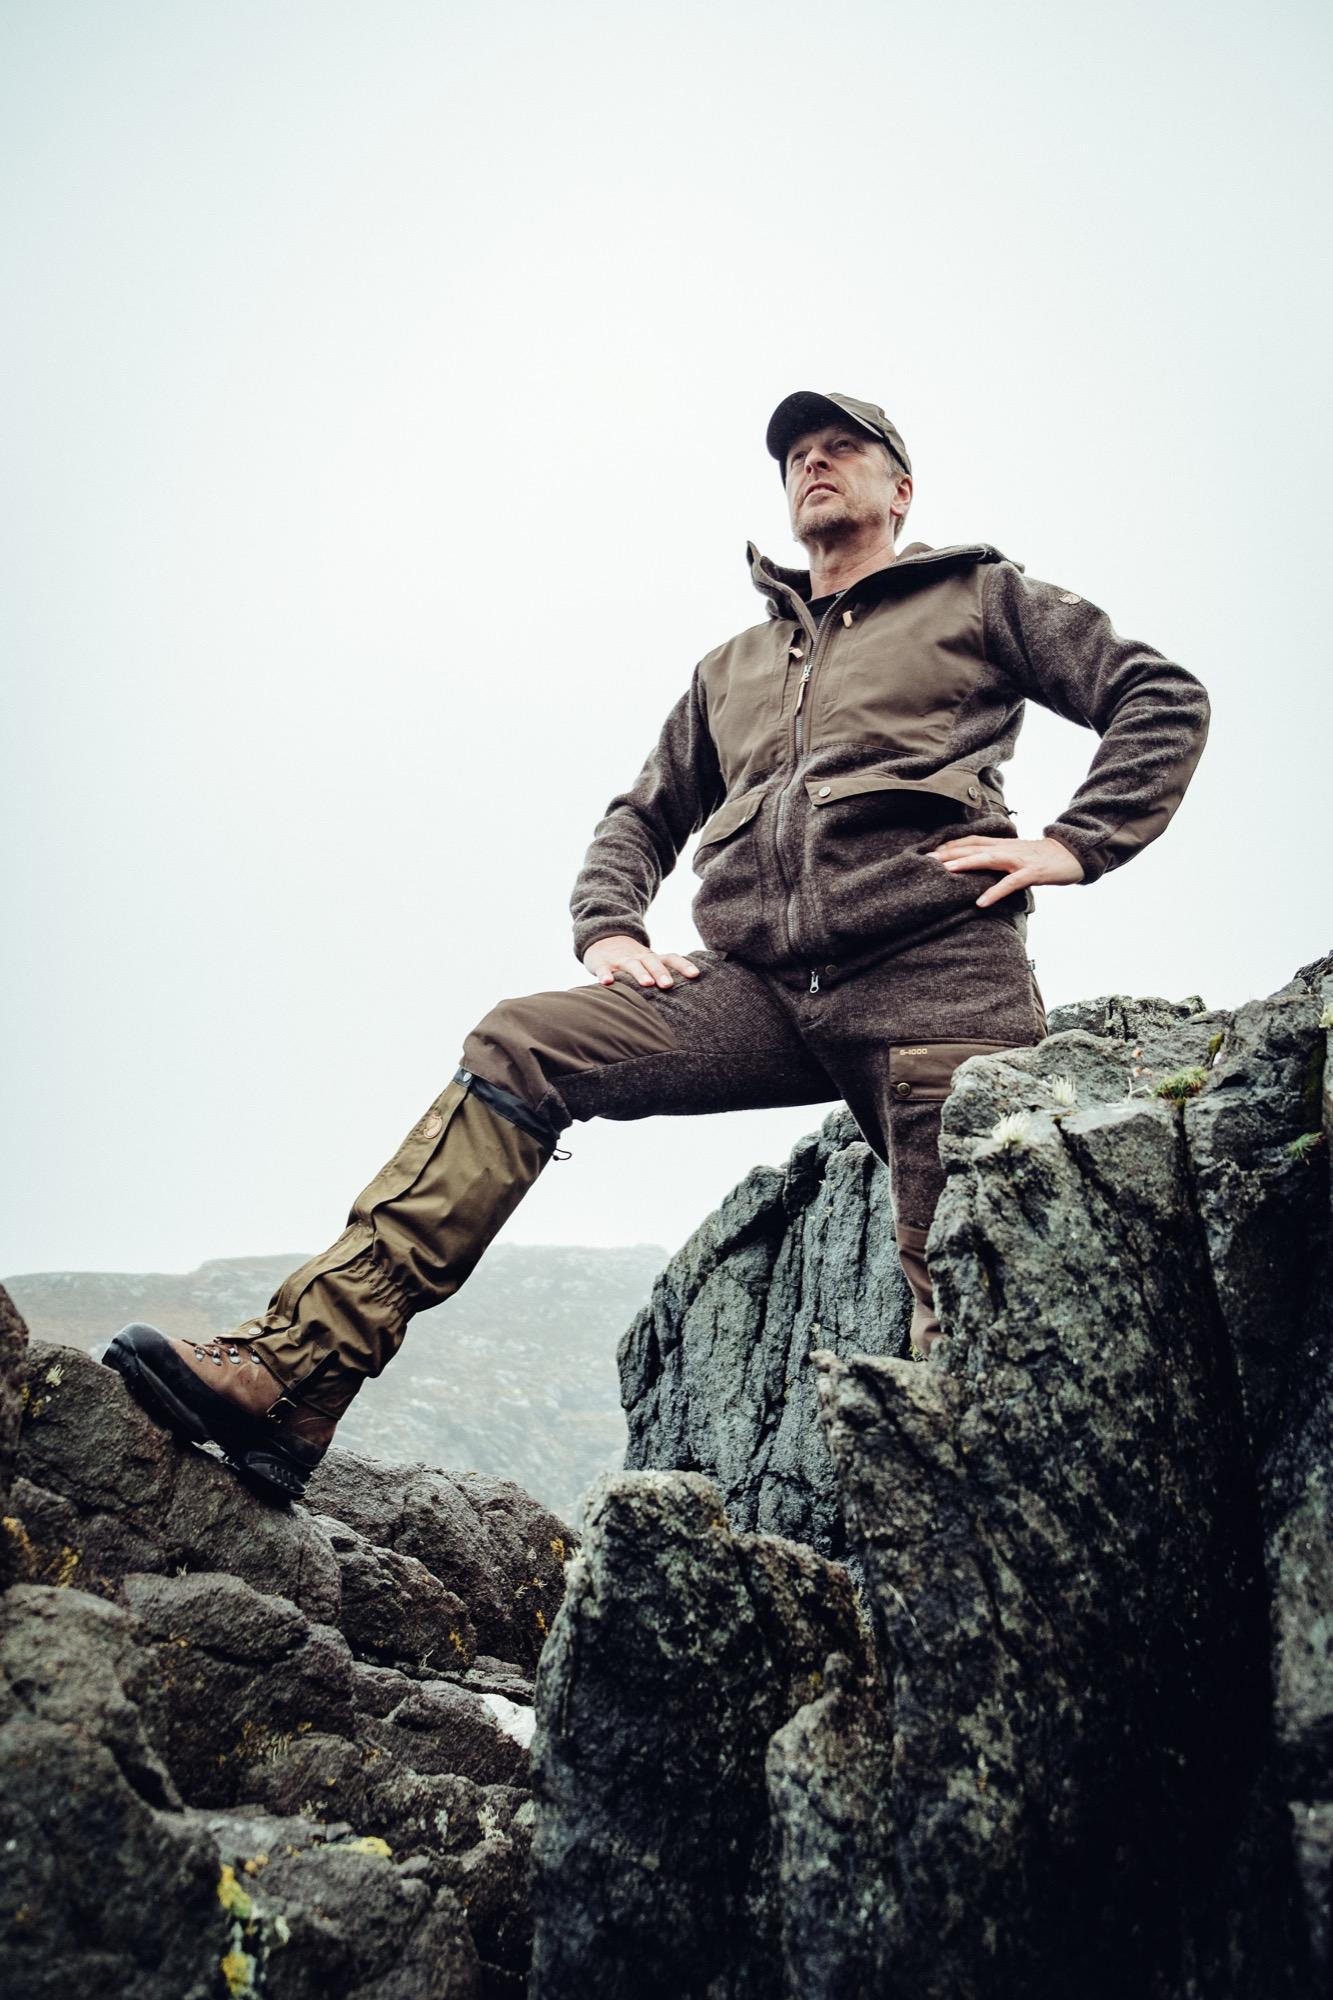 Hanwag Tatra Top GTX Ergebnisse der JÄGER Testreise 2017 jagen ins Schottland hunting highlands westhighlandhunting JÄGERMAGAZIN Swarovski